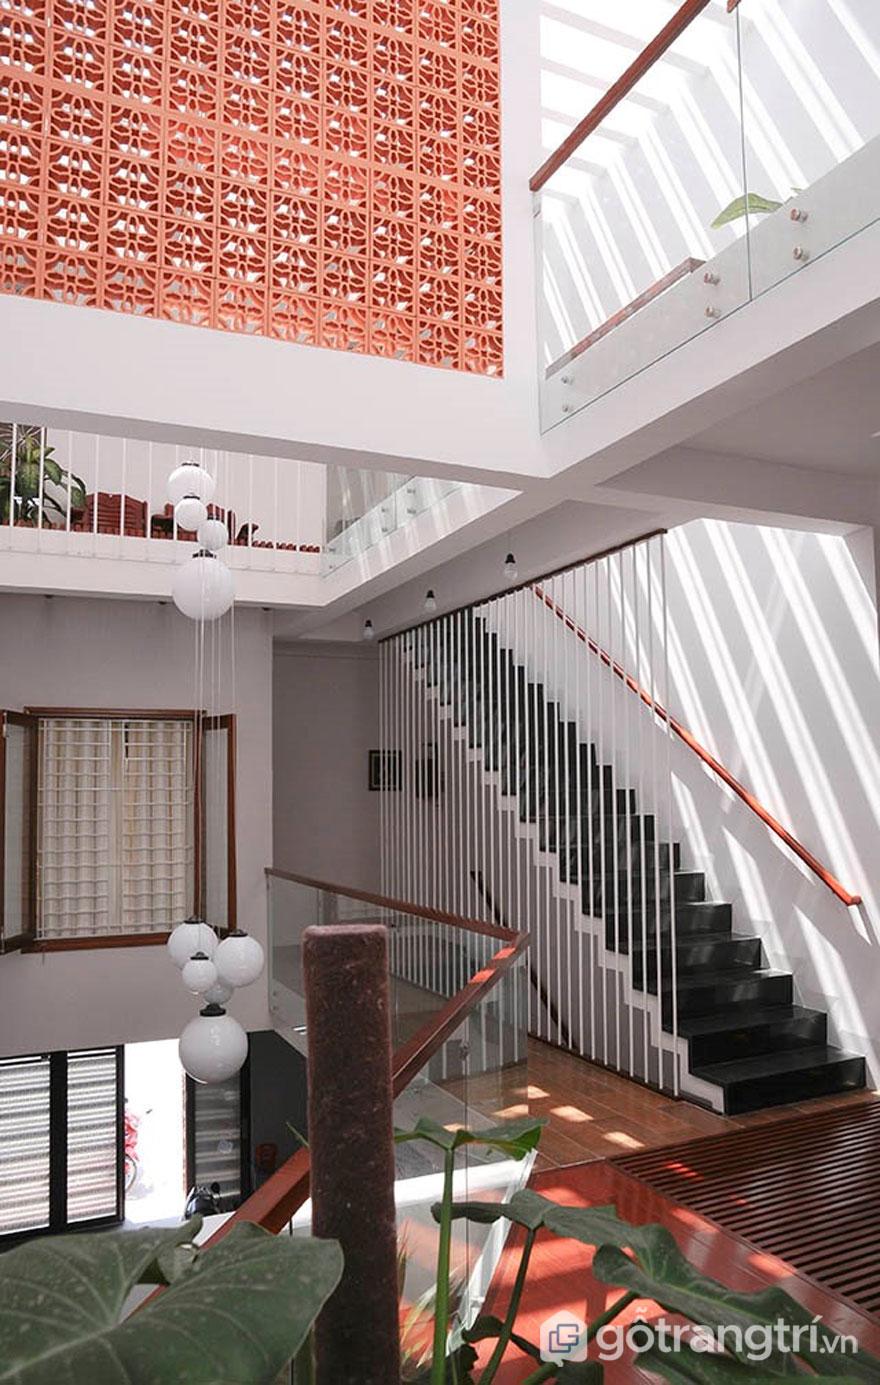 Gạch bông gió được ứng dụng trong kiến trúc nhà Việt - Ảnh: Internet